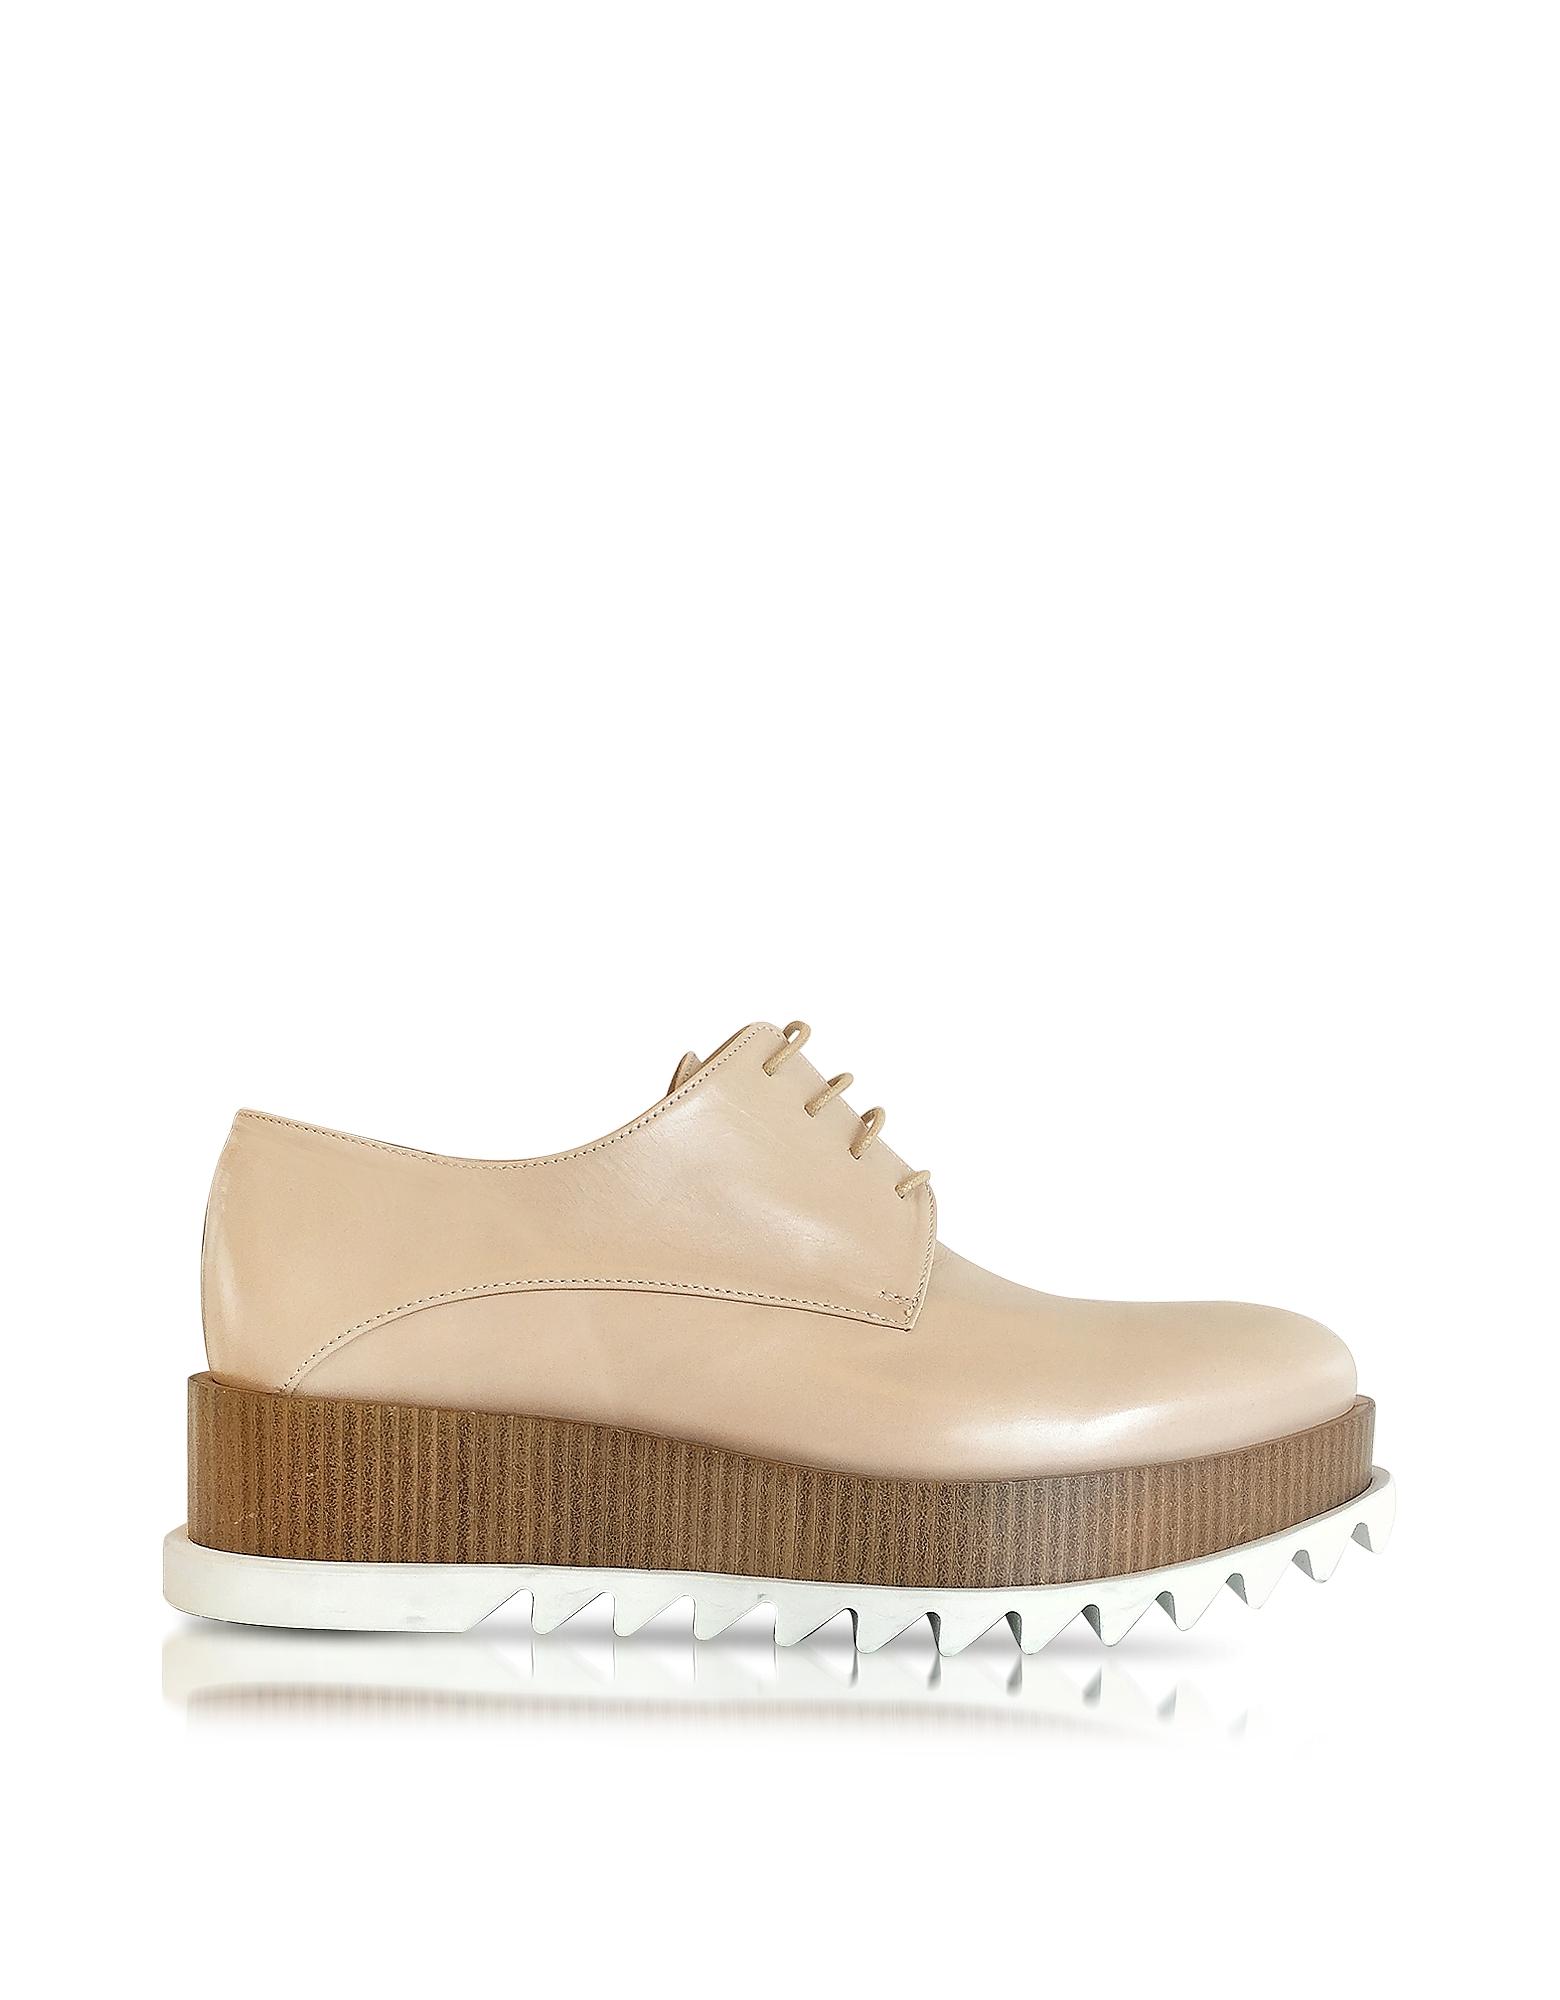 Jil Sander Shoes, Nude Leather Platform Oxford Shoe